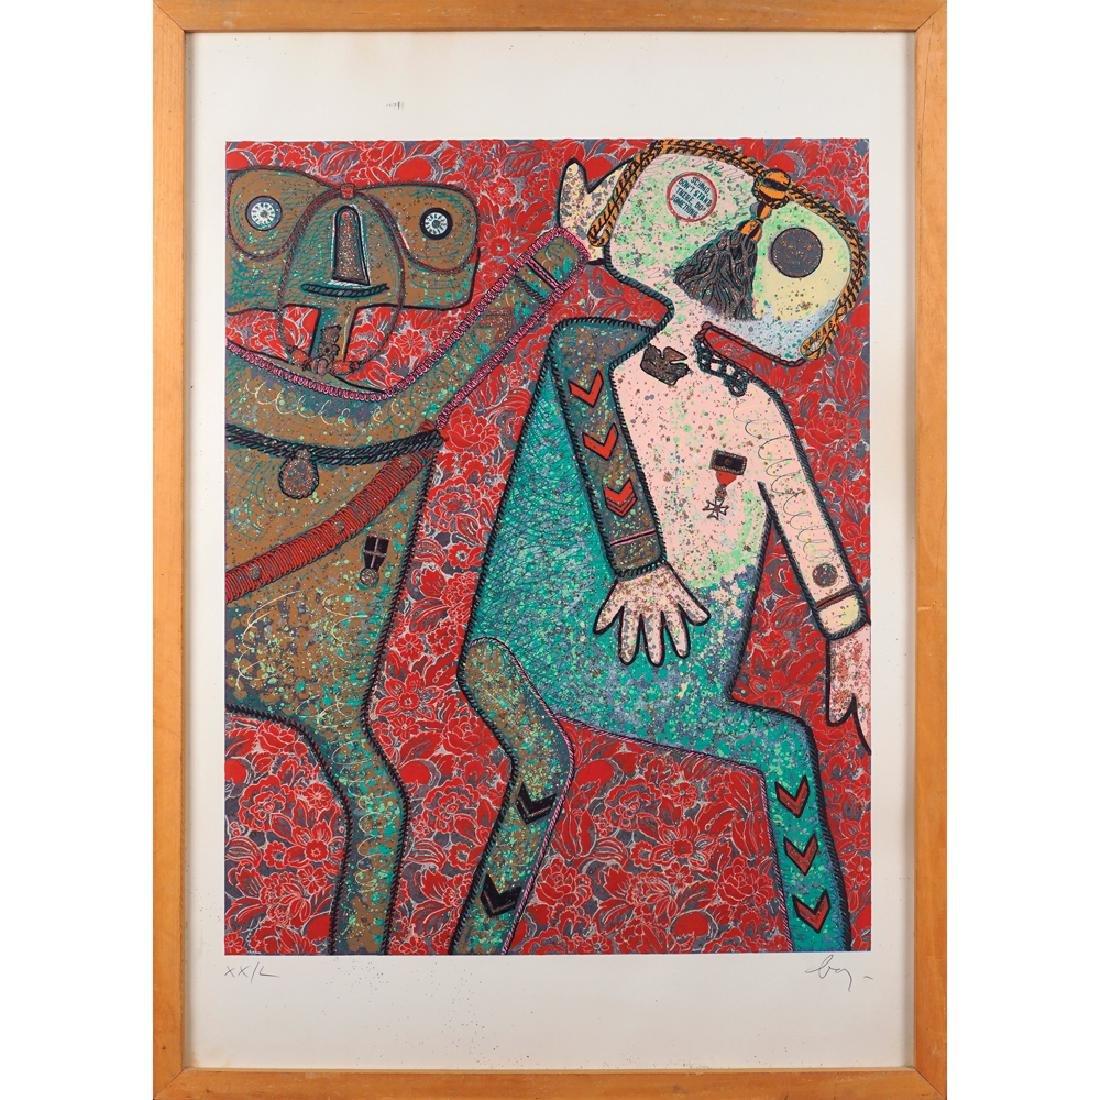 Enrico Baj Milano 1924 - Vergiate 2003 100x70 cm.